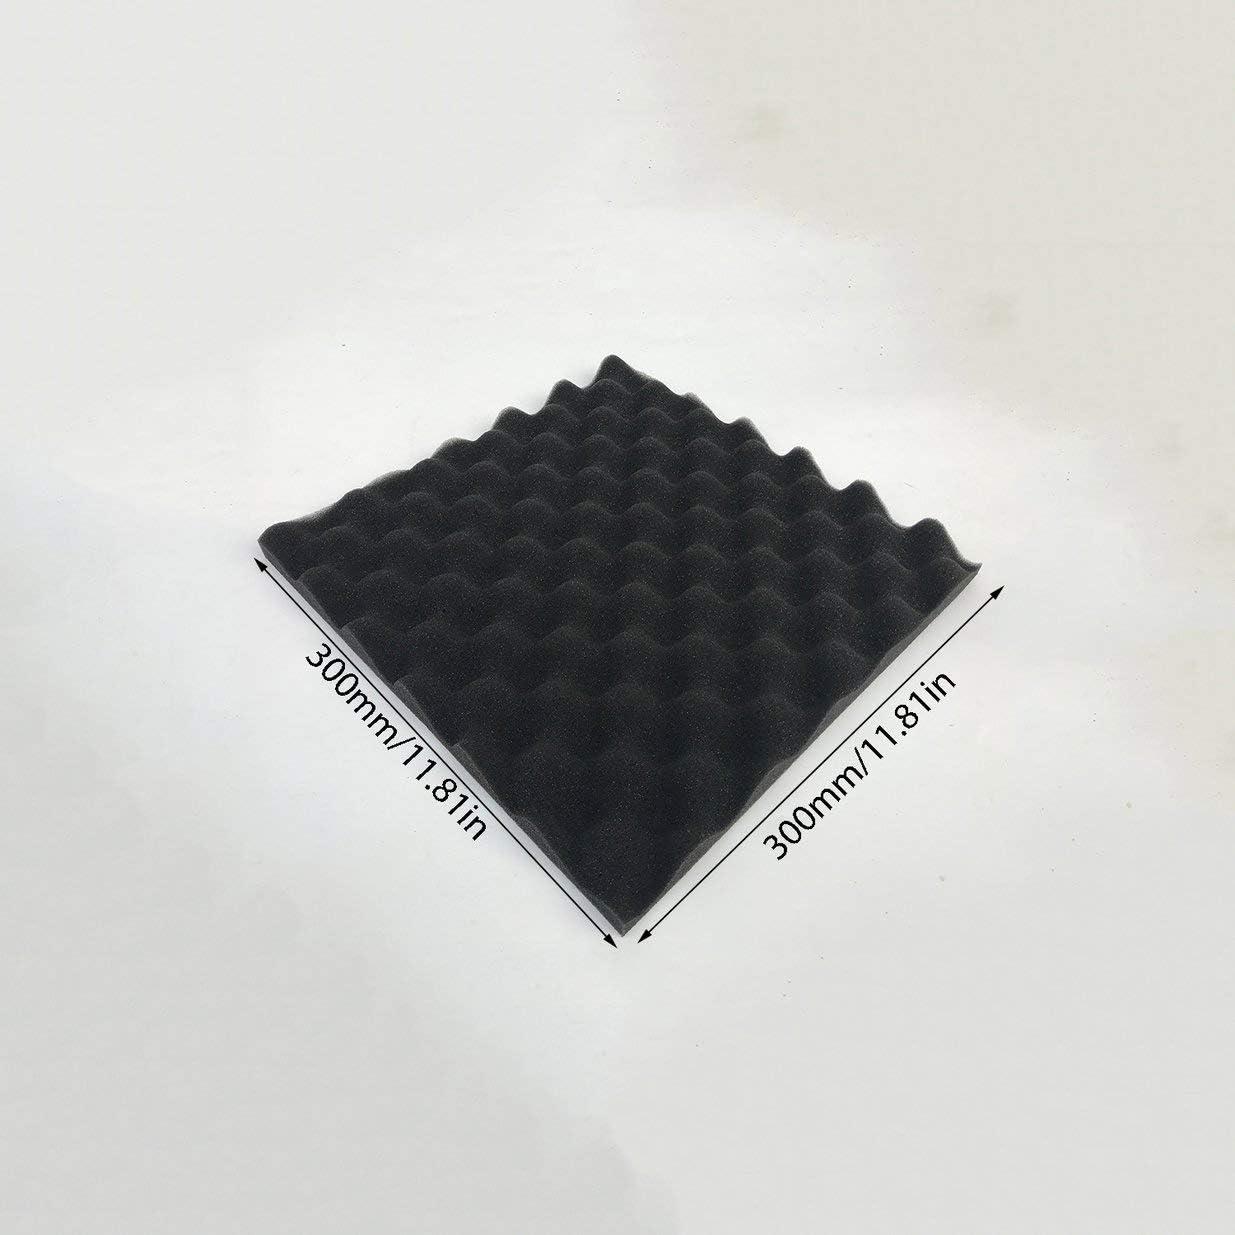 Traitement de mousse acoustique Sairis 30x30cm Insonorisation /Éponge acoustique /à absorption de bruit en coton Insonorisation excellente-noir